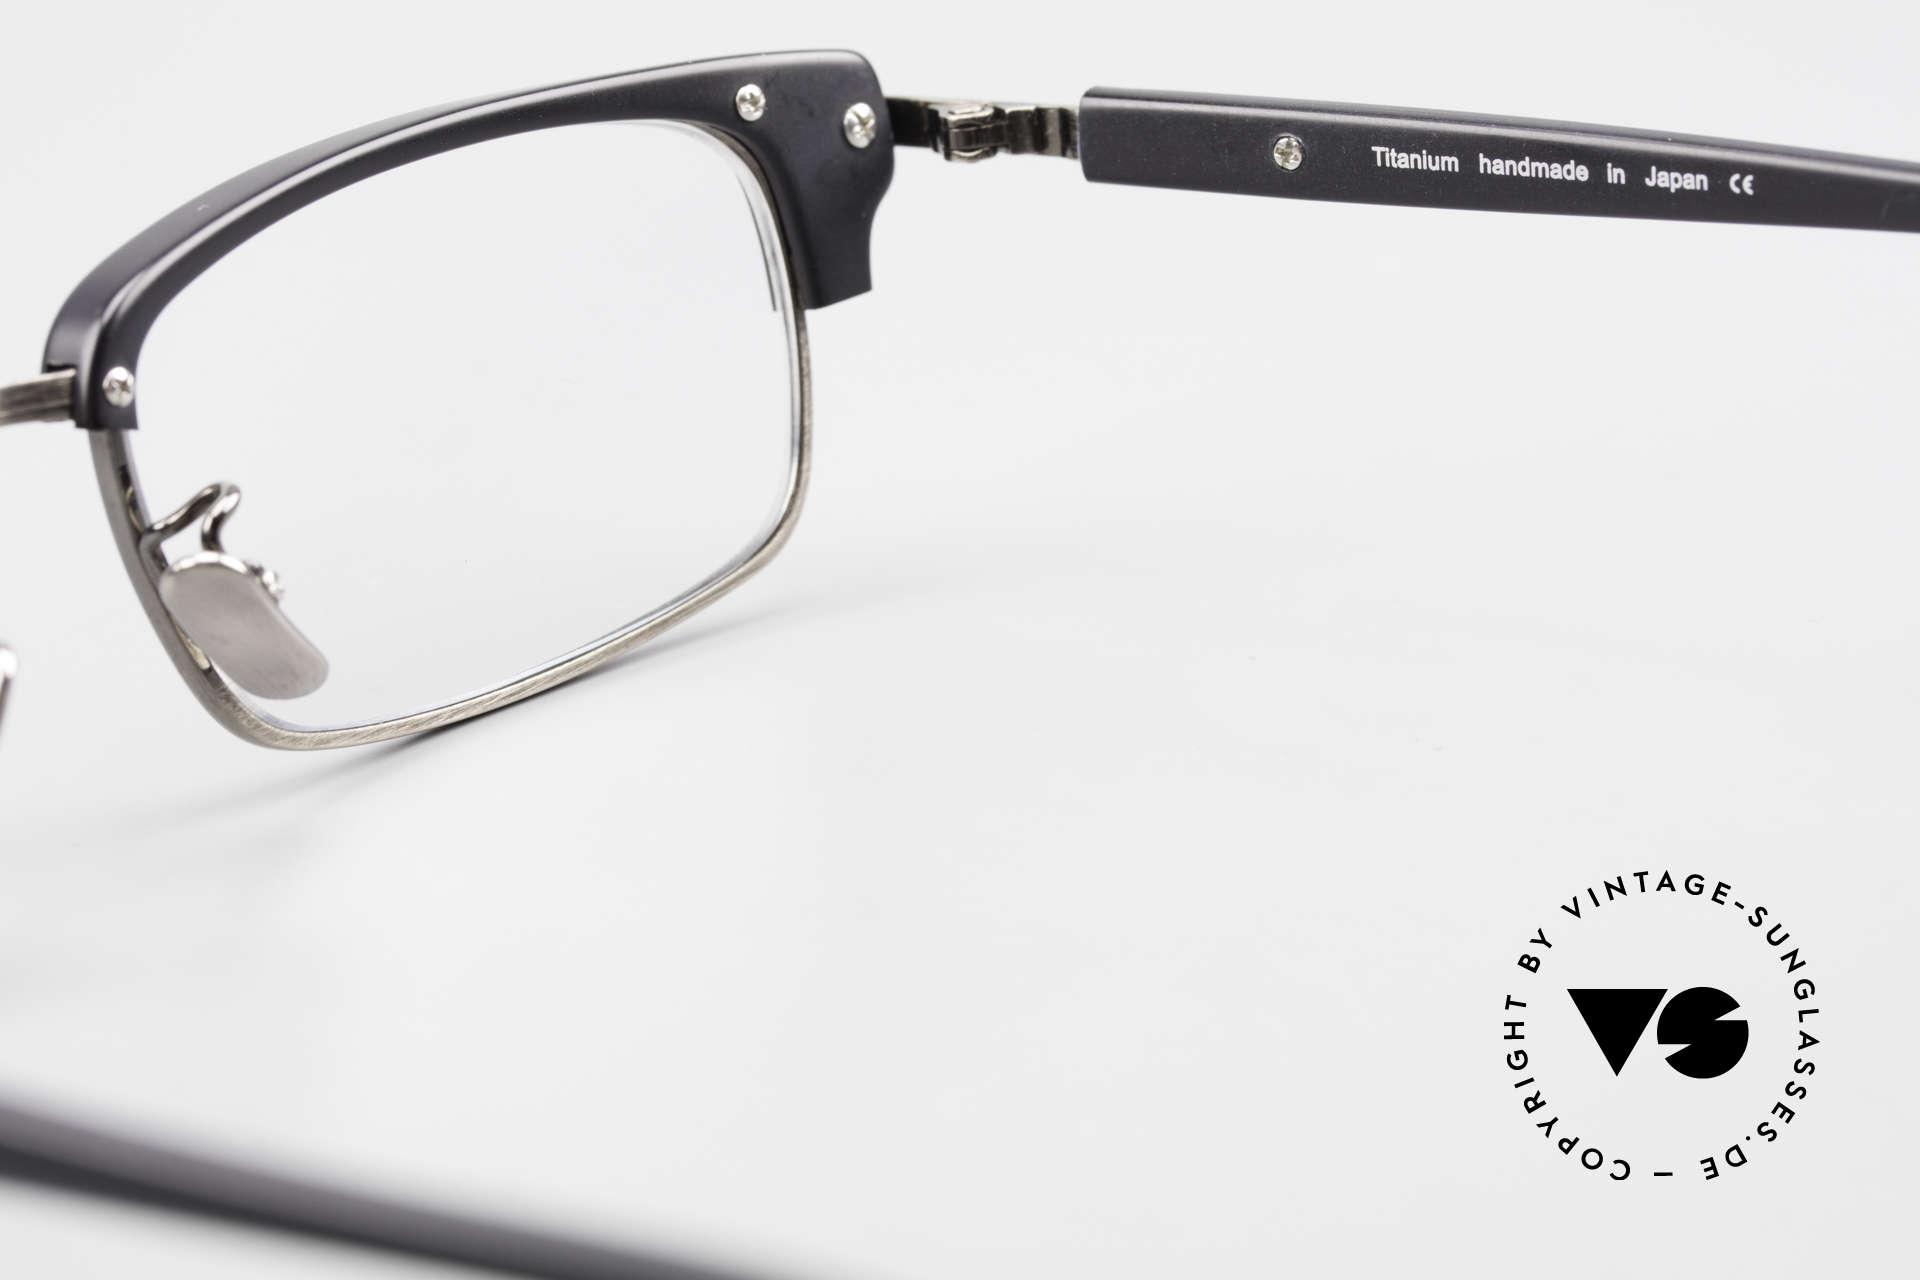 Lunor Combi II Mod 80 Combi Titanium Eyeglasses, Size: medium, Made for Men and Women